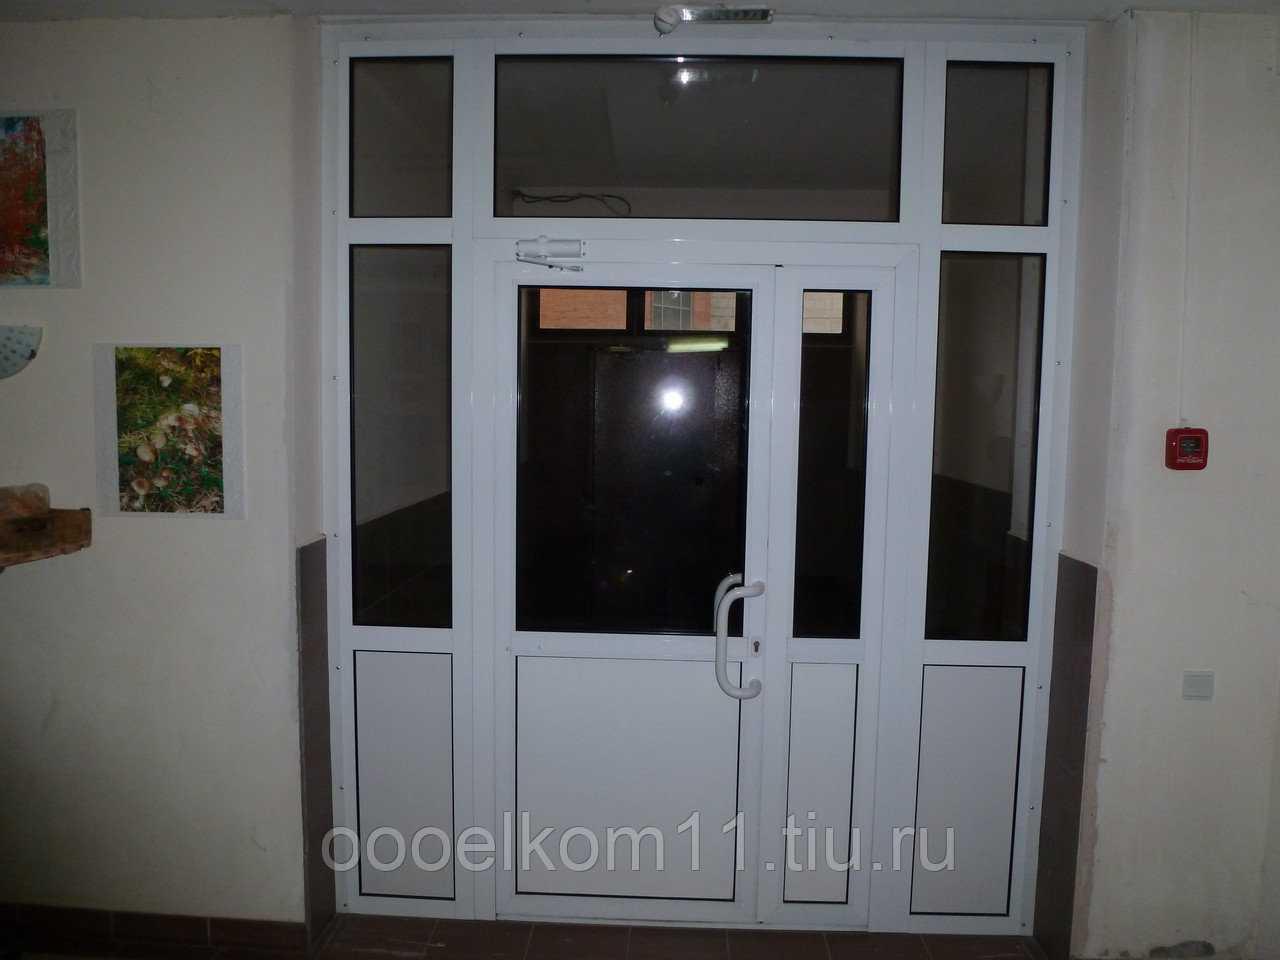 Дверь стеклянная в алюминиевой коробке